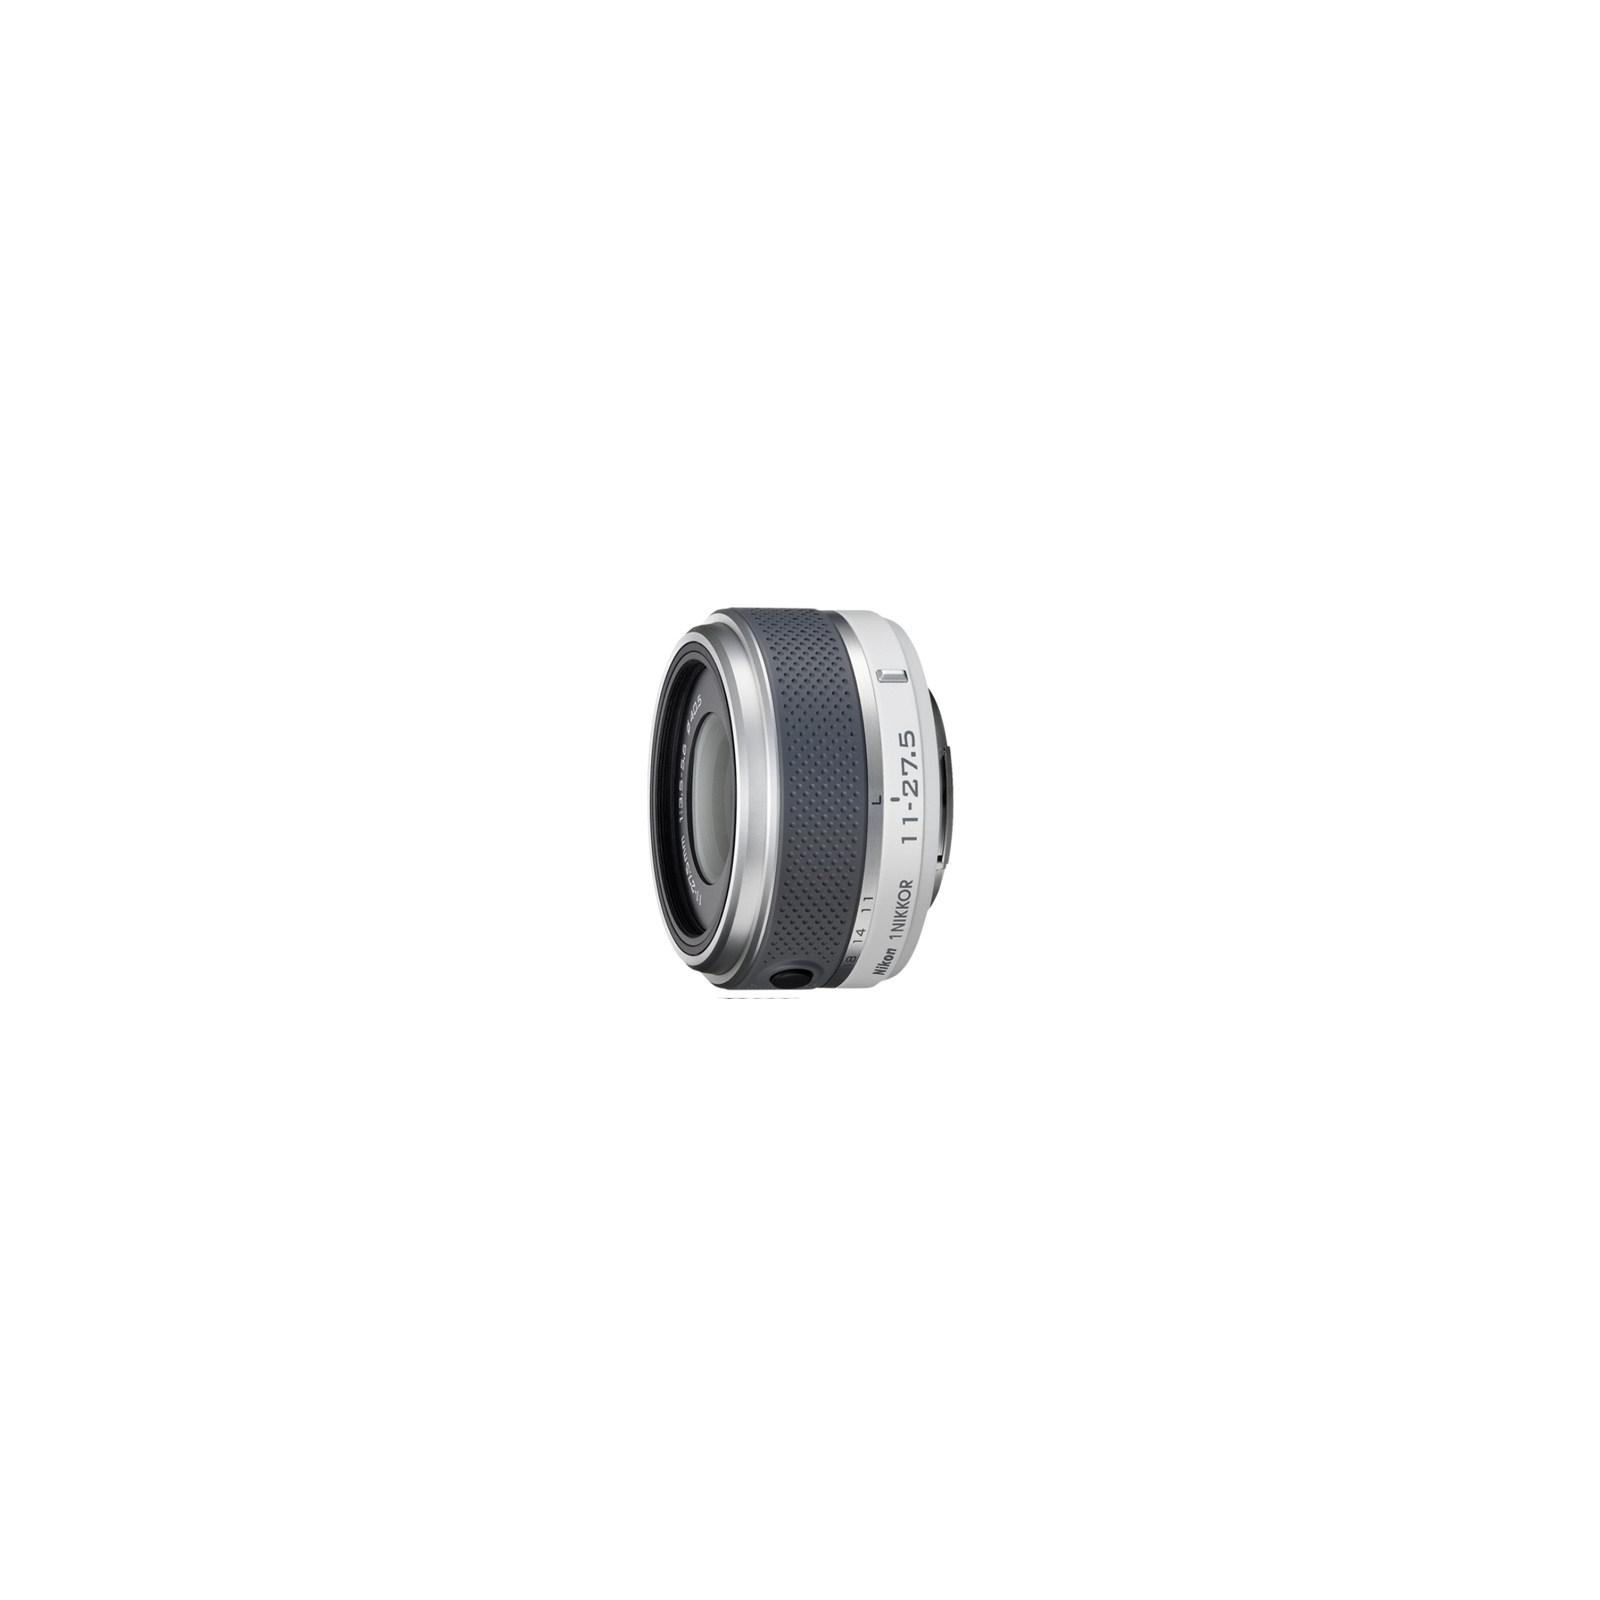 Объектив Nikon 1 Nikkor 11-27.5mm f/3.5-5.6 white (JVA704DB)